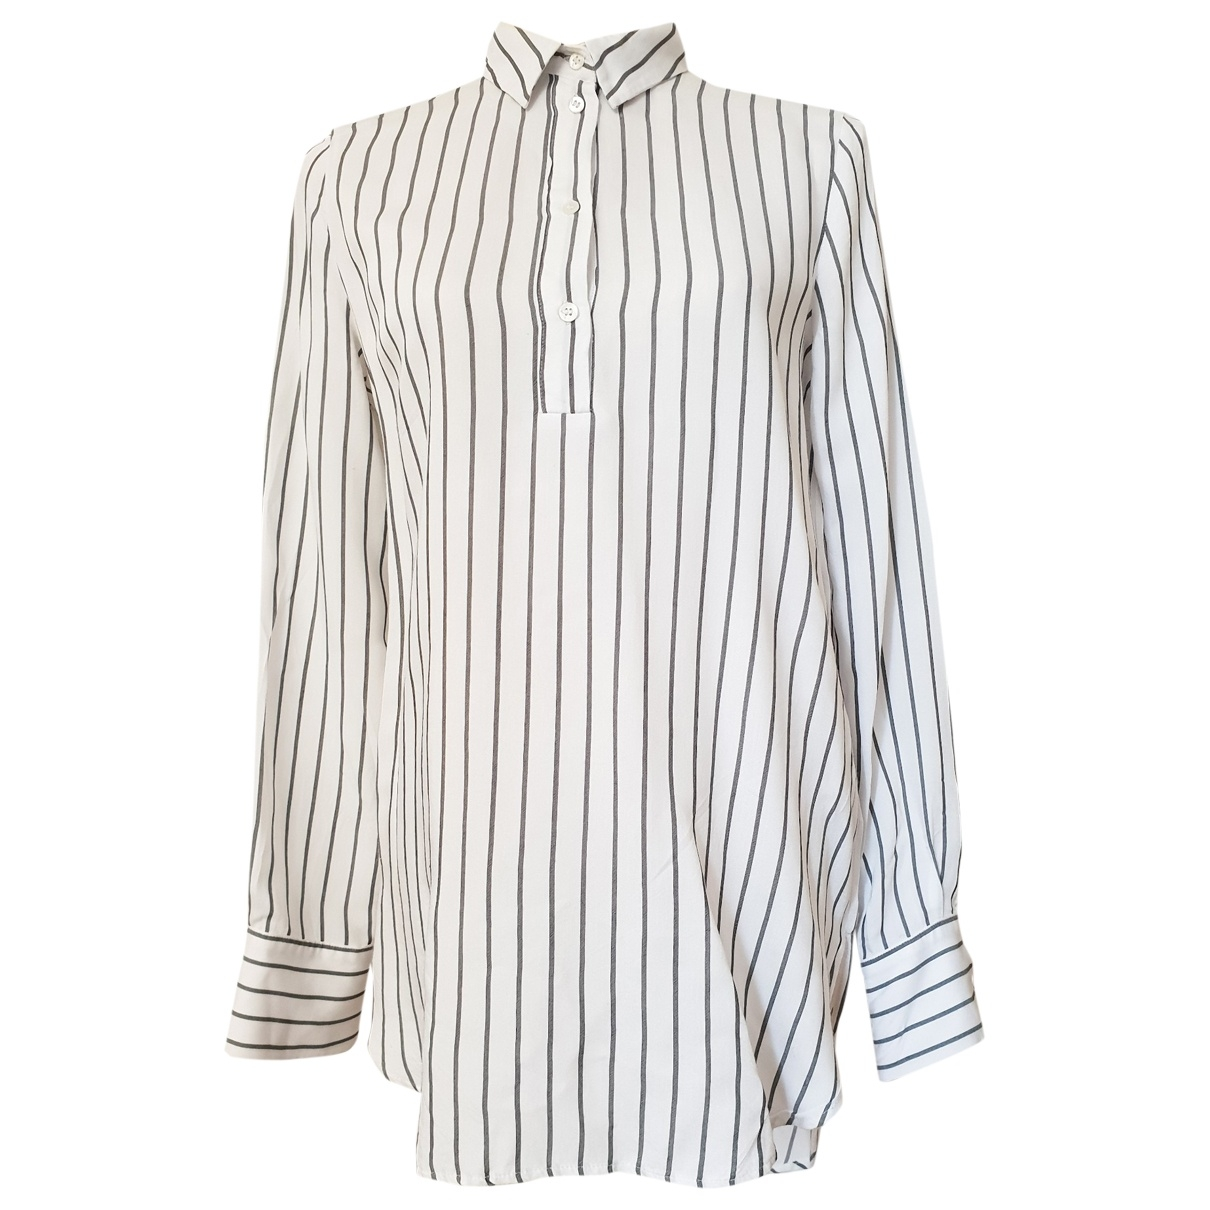 Zara \N White  top for Women S International